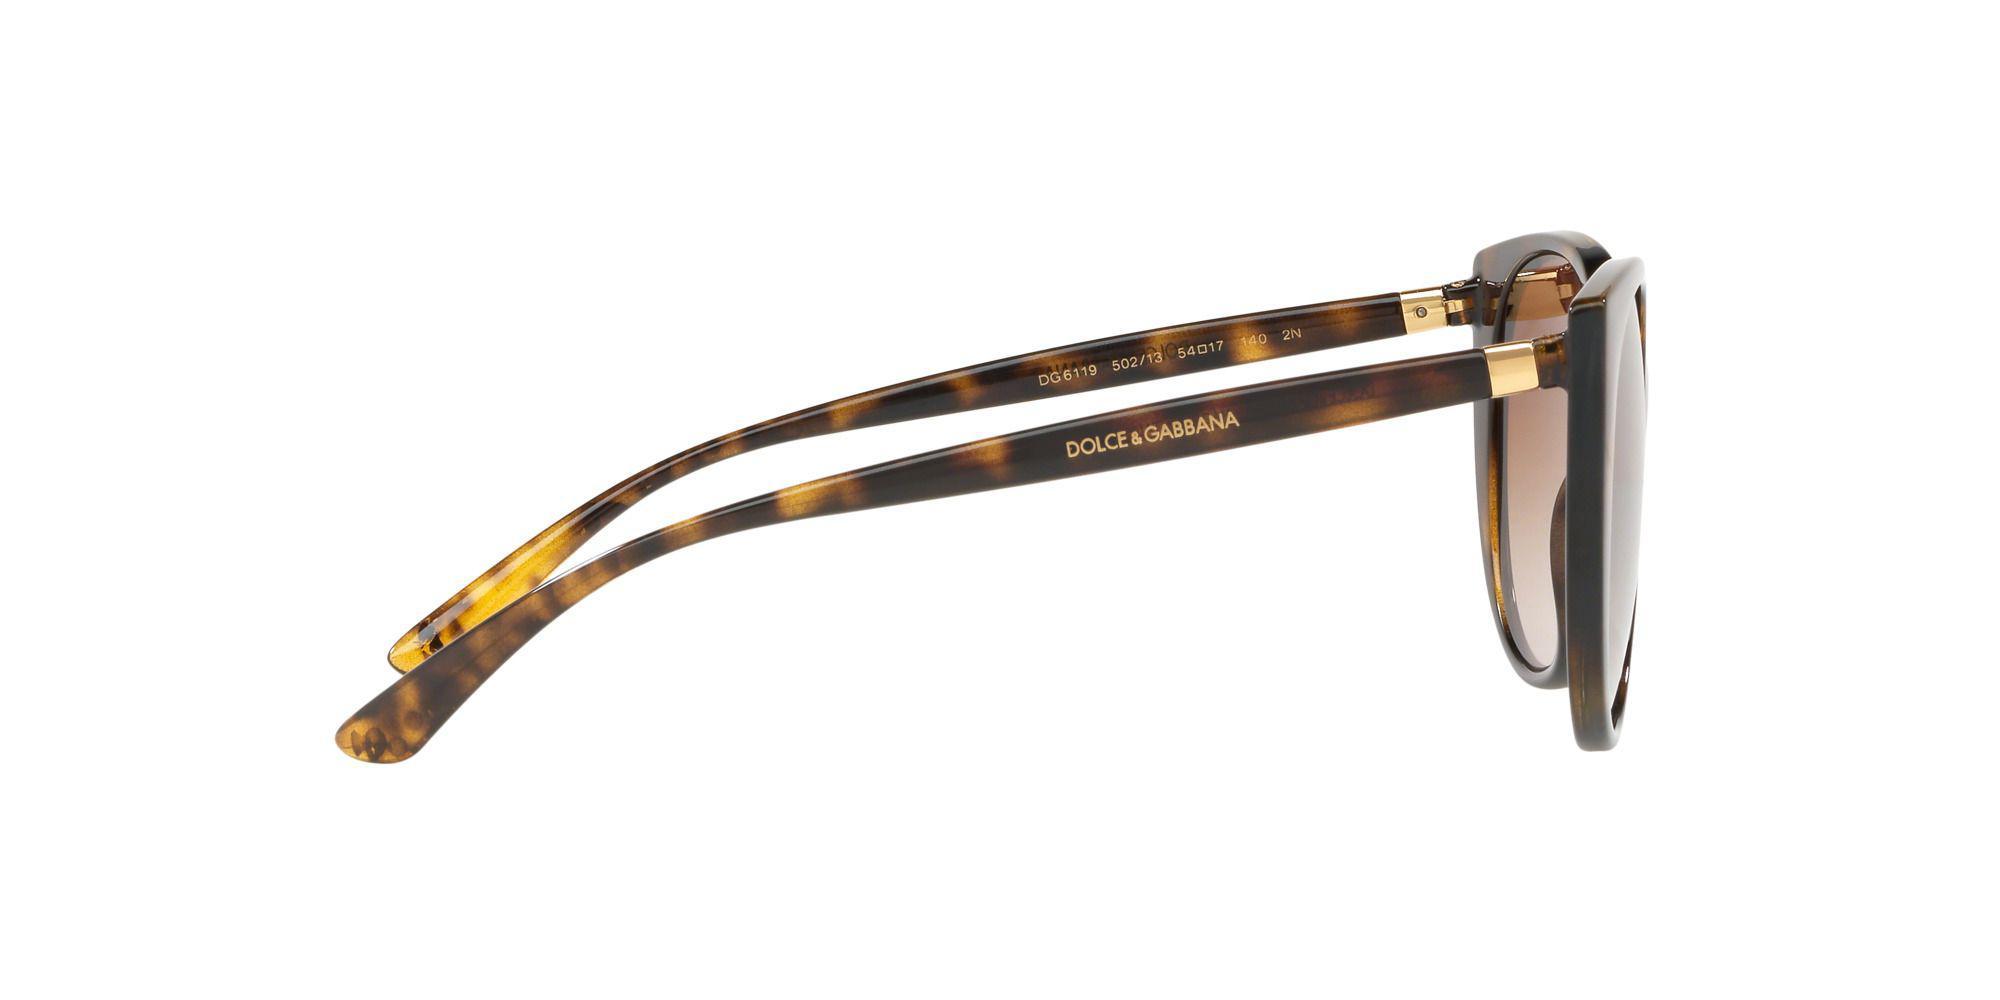 5305fd4e5cb Dolce   Gabbana - Brown Havana 0dg6119 Butterfly Sunglasses - Lyst. View  fullscreen